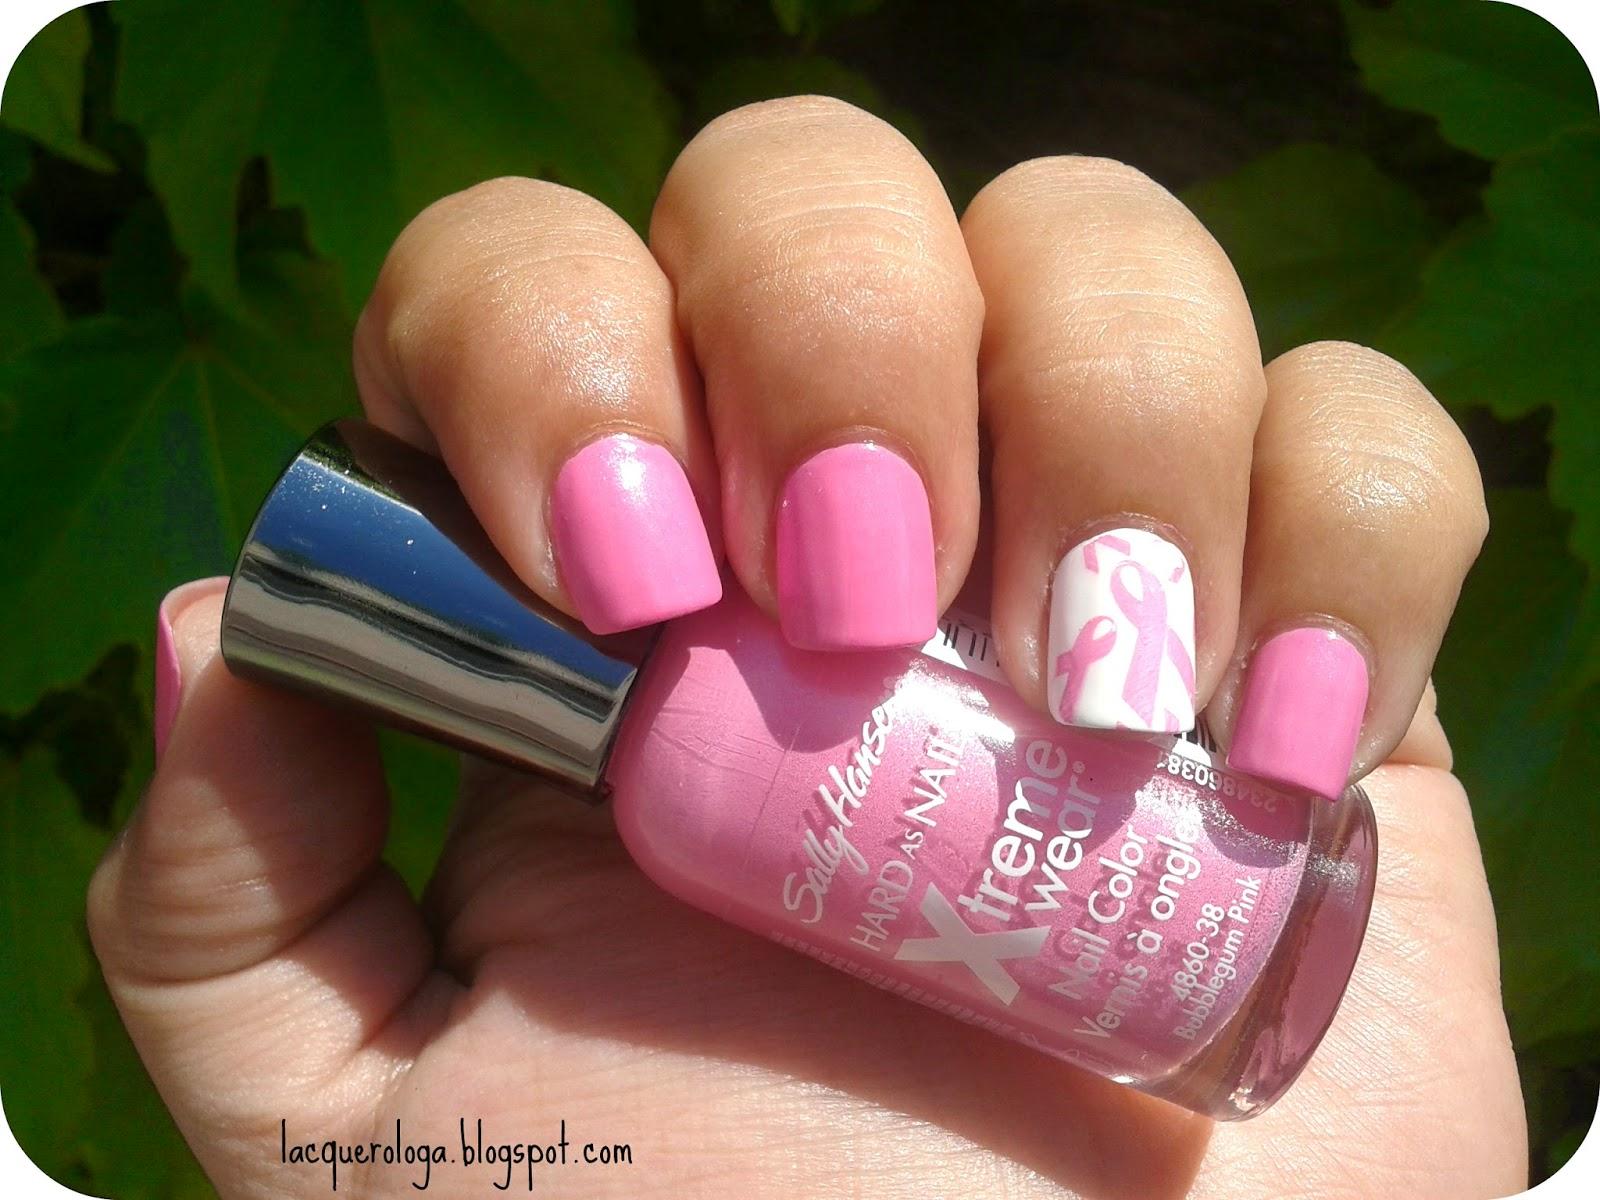 Lacquerologa: [Esmaltes] Bubblegum pink de Sally Hansen